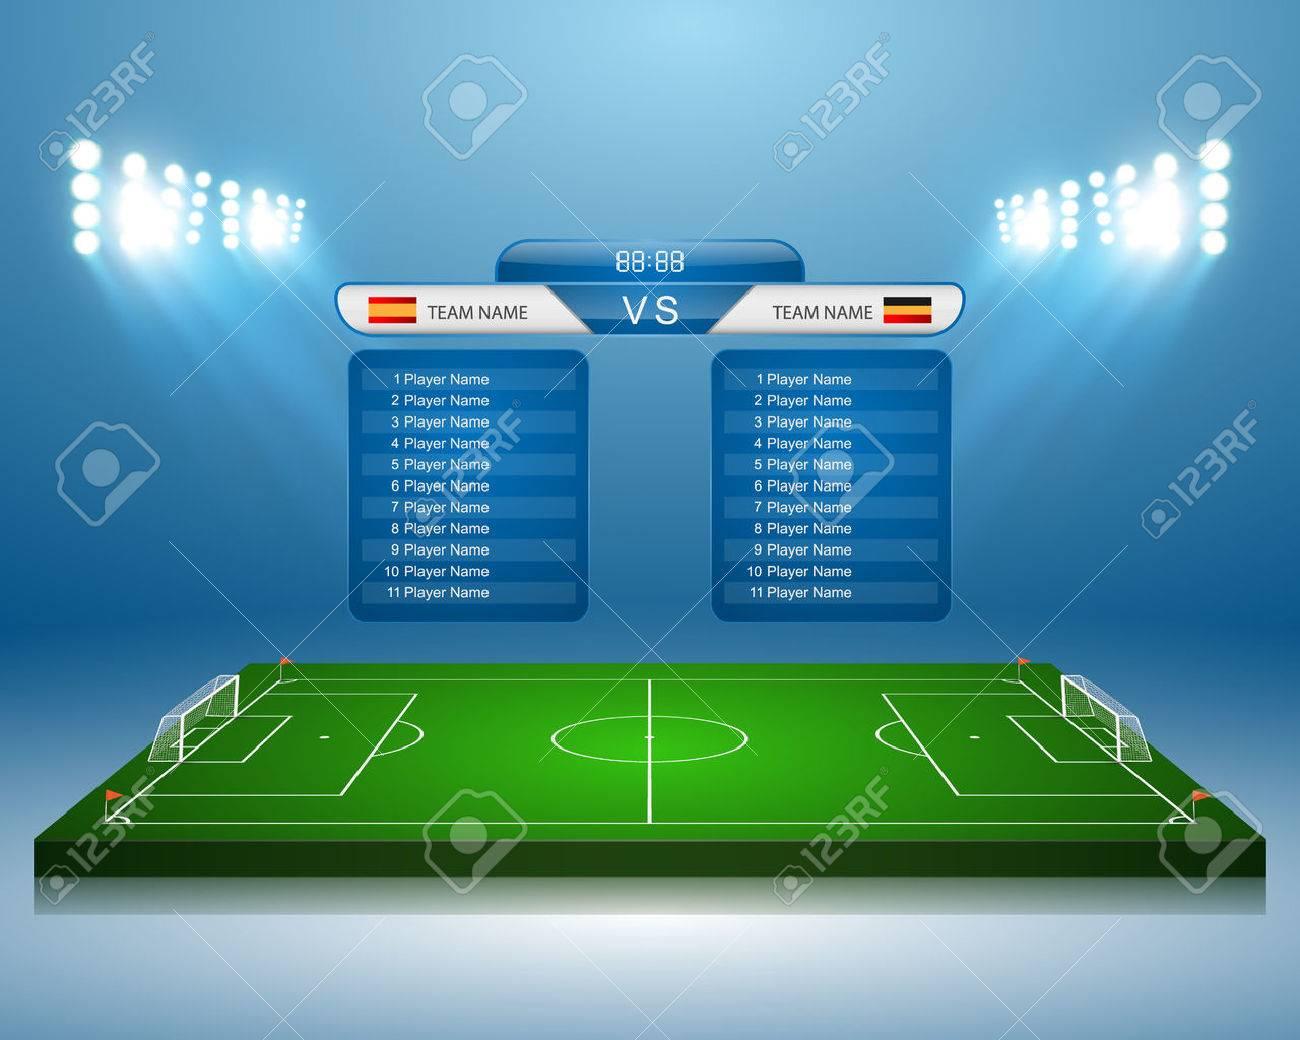 Soccer field with scoreboard - 50059299